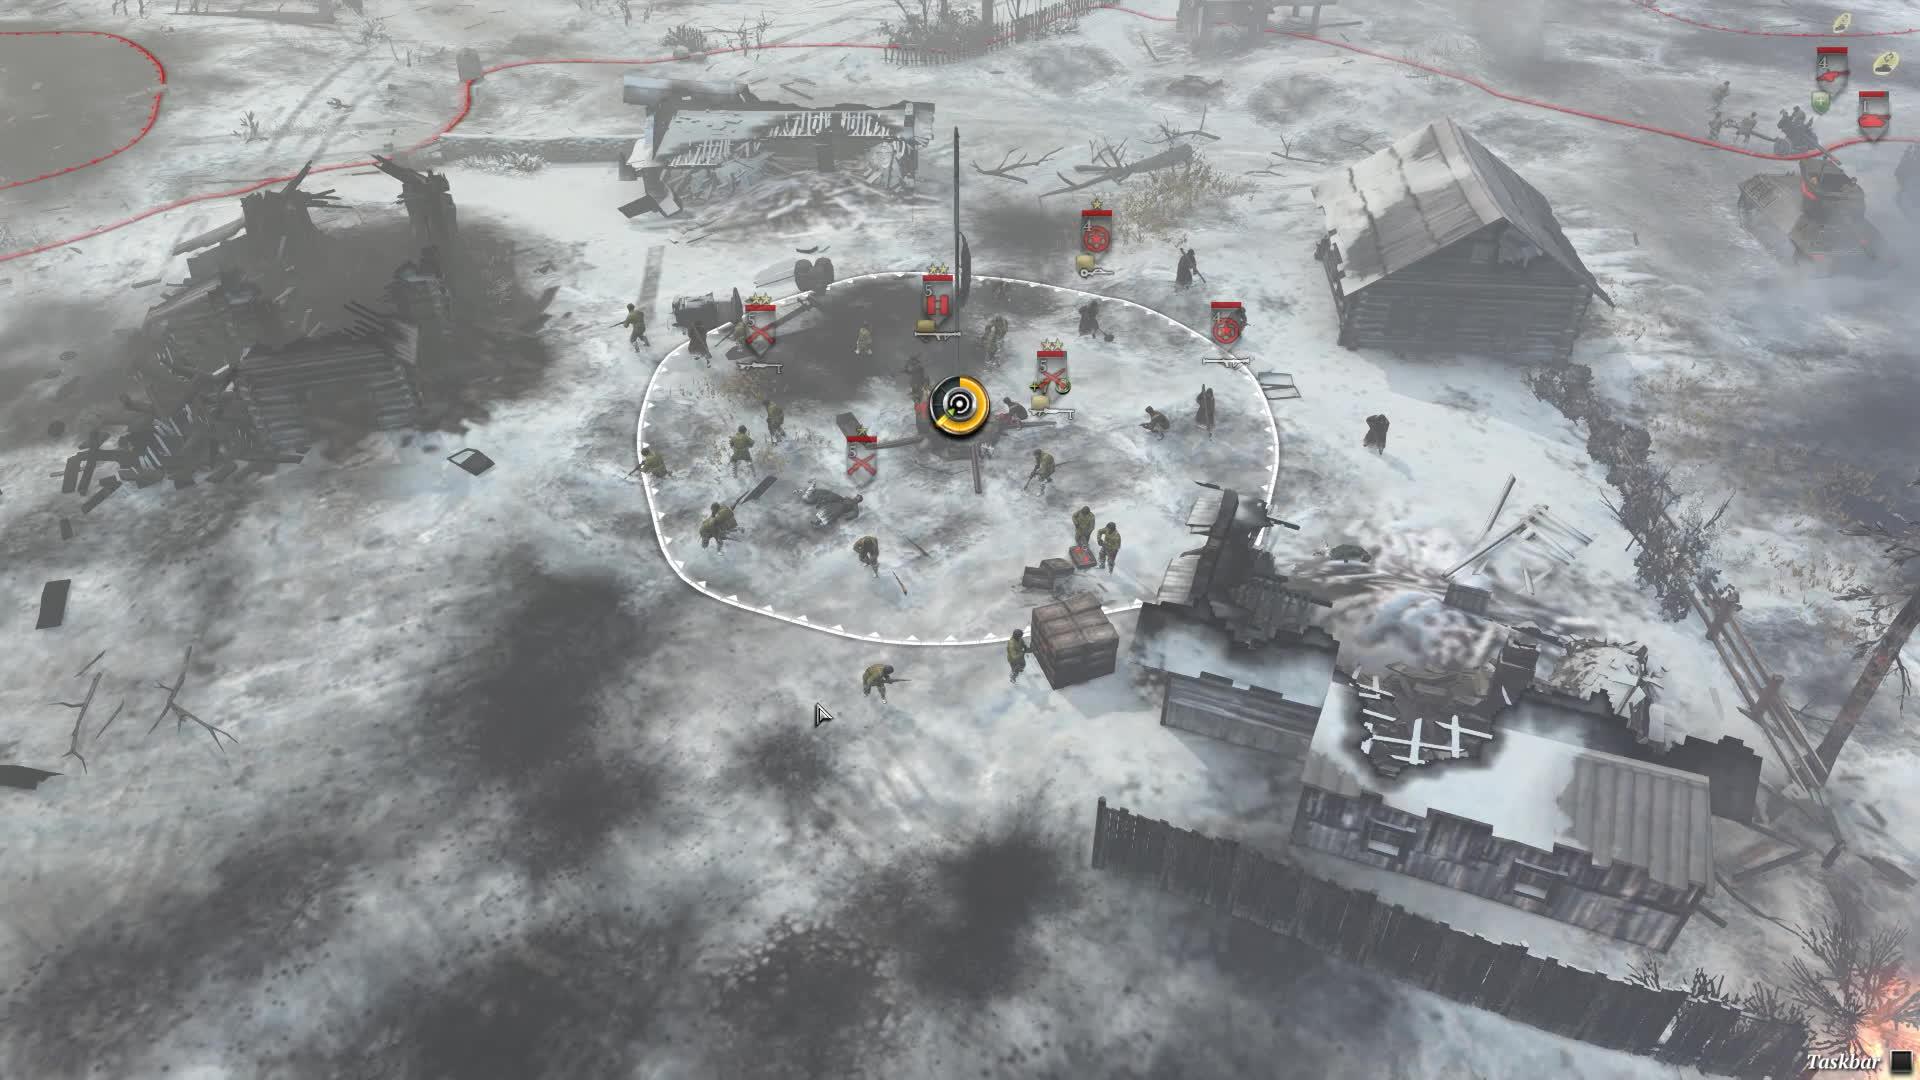 coh2, companyofheroes, stuka bomb, CoH2: Stuka Bomb 6 Squads GIFs